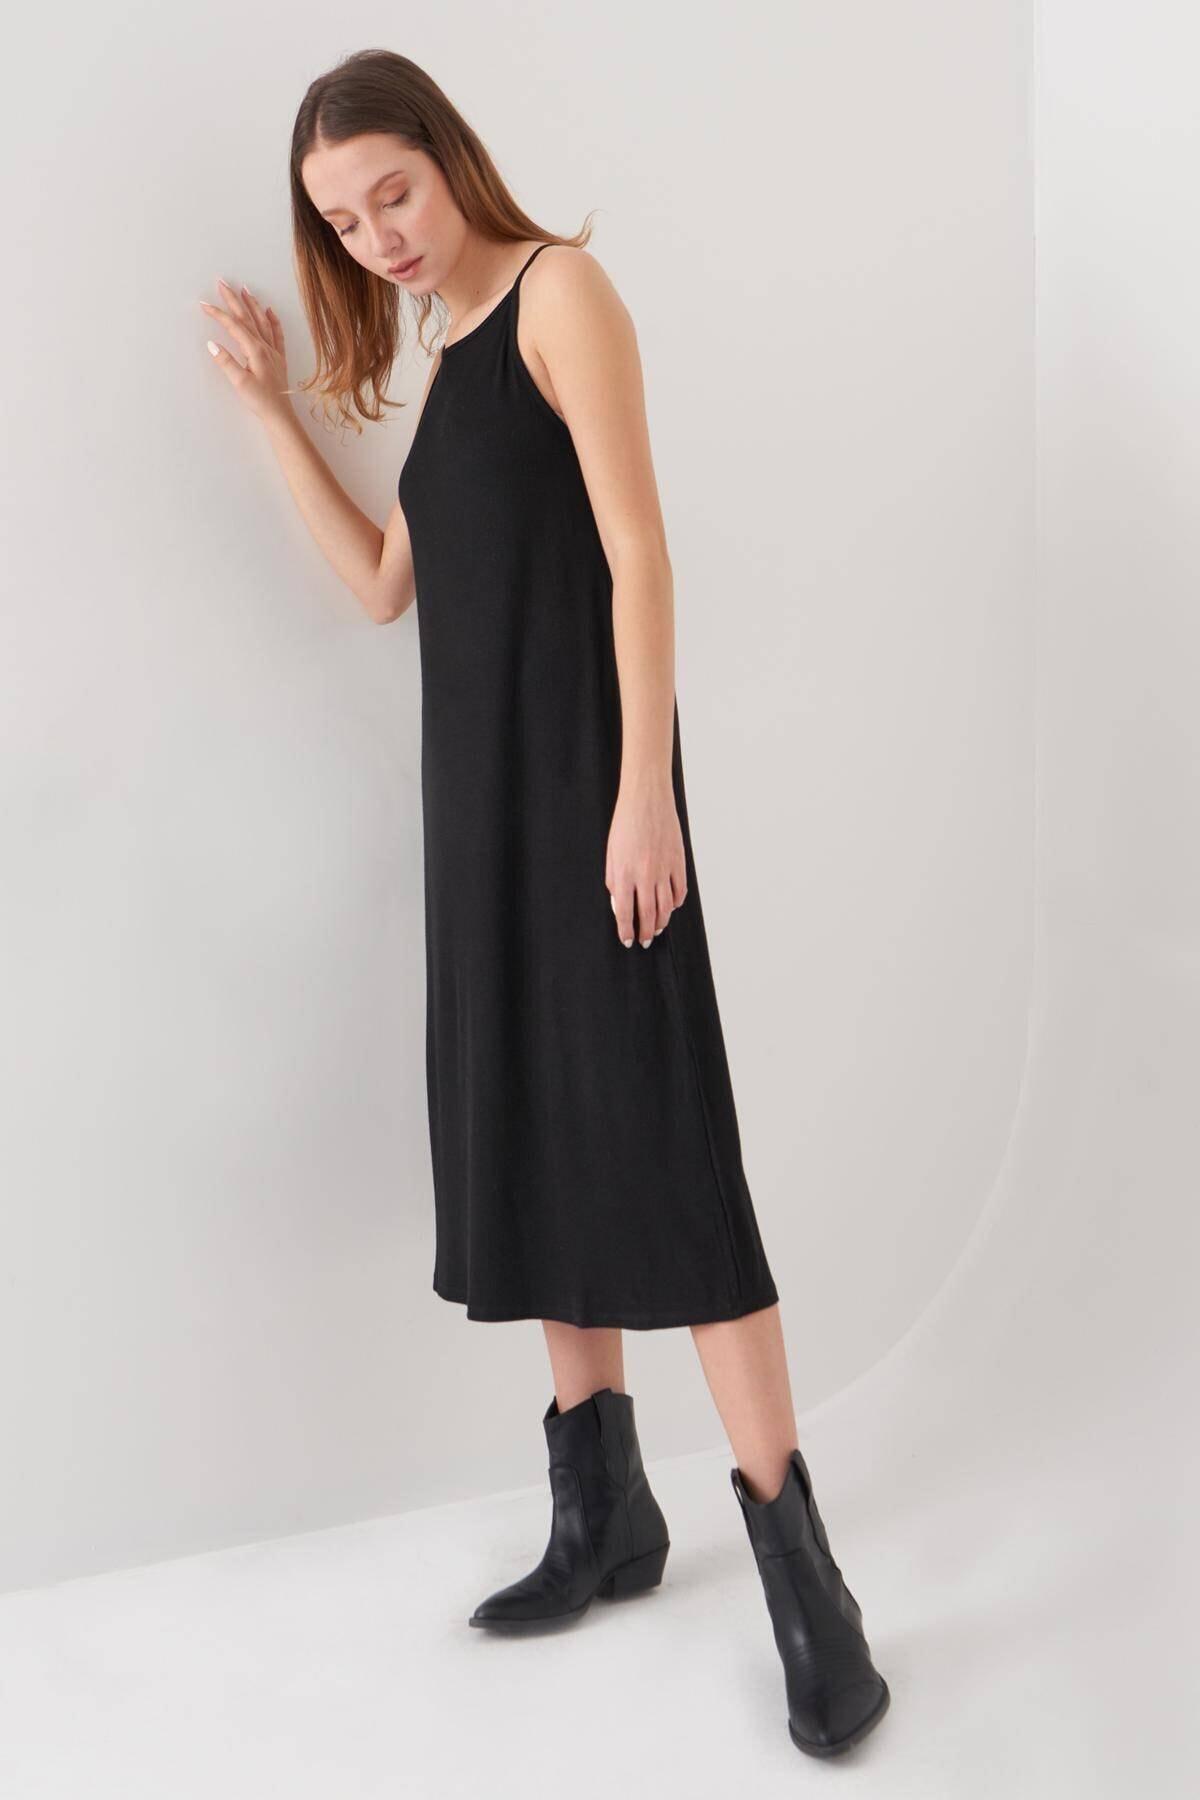 Addax Kadın Siyah İnce Askılı Elbise E0999 - E10 Adx-0000022550